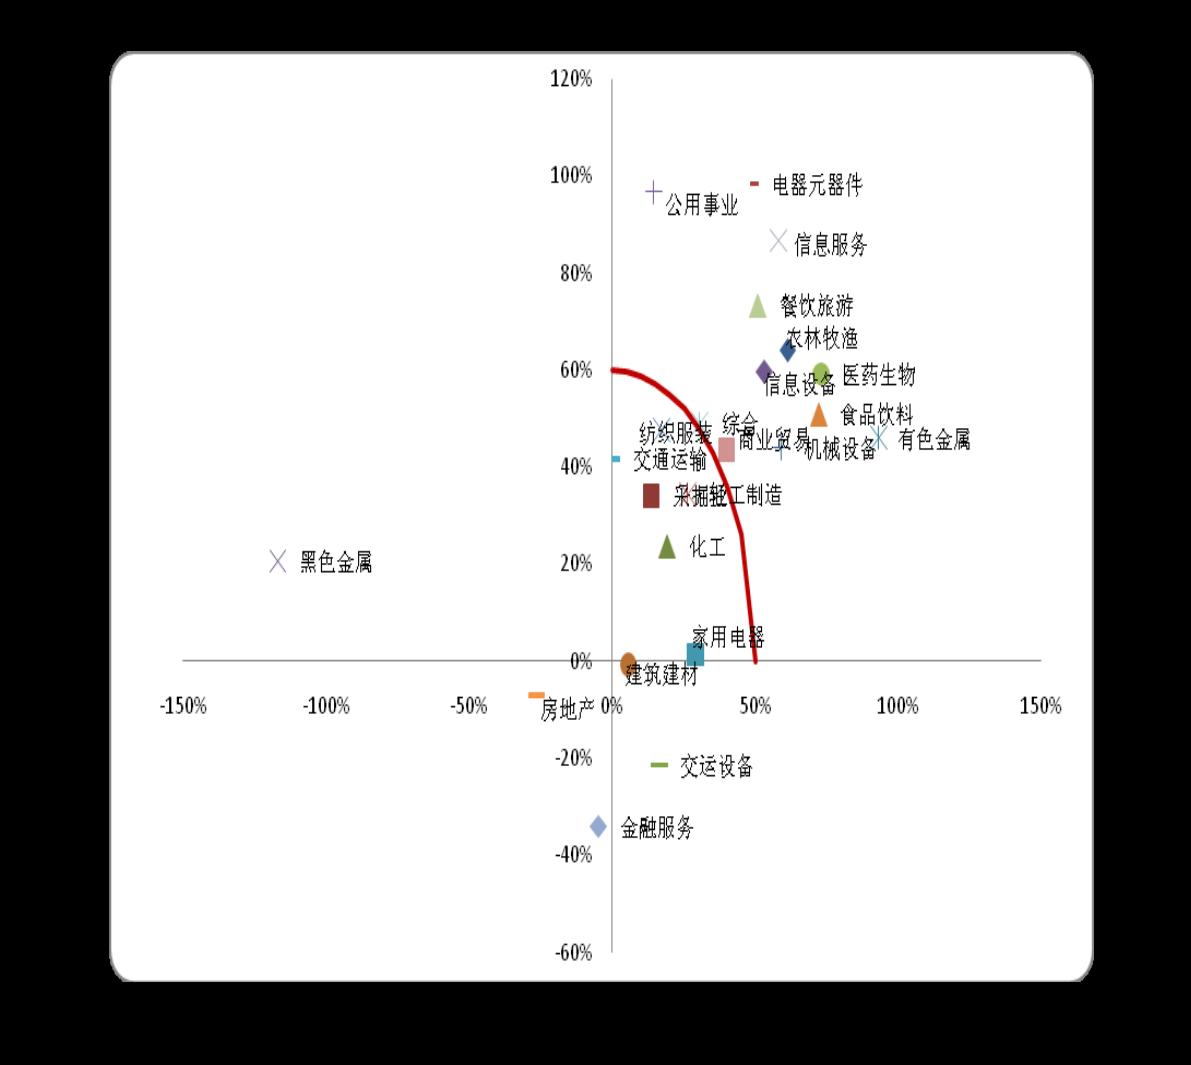 安信千赢国际app下载-透视三季报预告:景气指引、增长驱动与进一步修复-201016